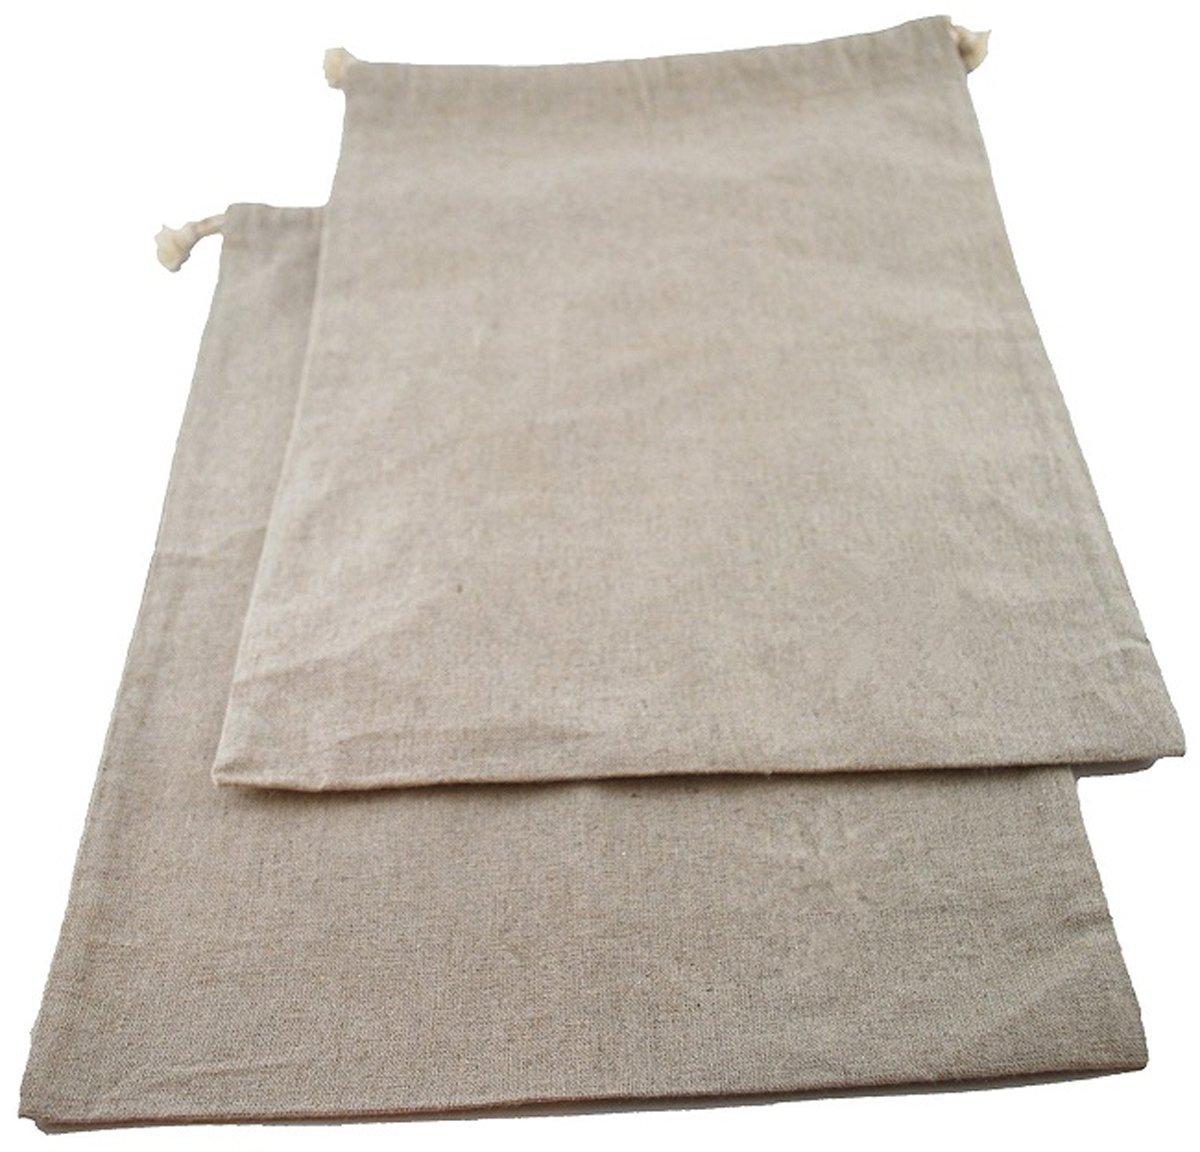 almacenamiento de alimentos reutilizables Paquete de 2 bolsas de almacenamiento de pan de gran tama/ño para pan casero Hecho de algod/ón de lino transpirable 15x13 pulgadas 38x33 cm Sweet Needle